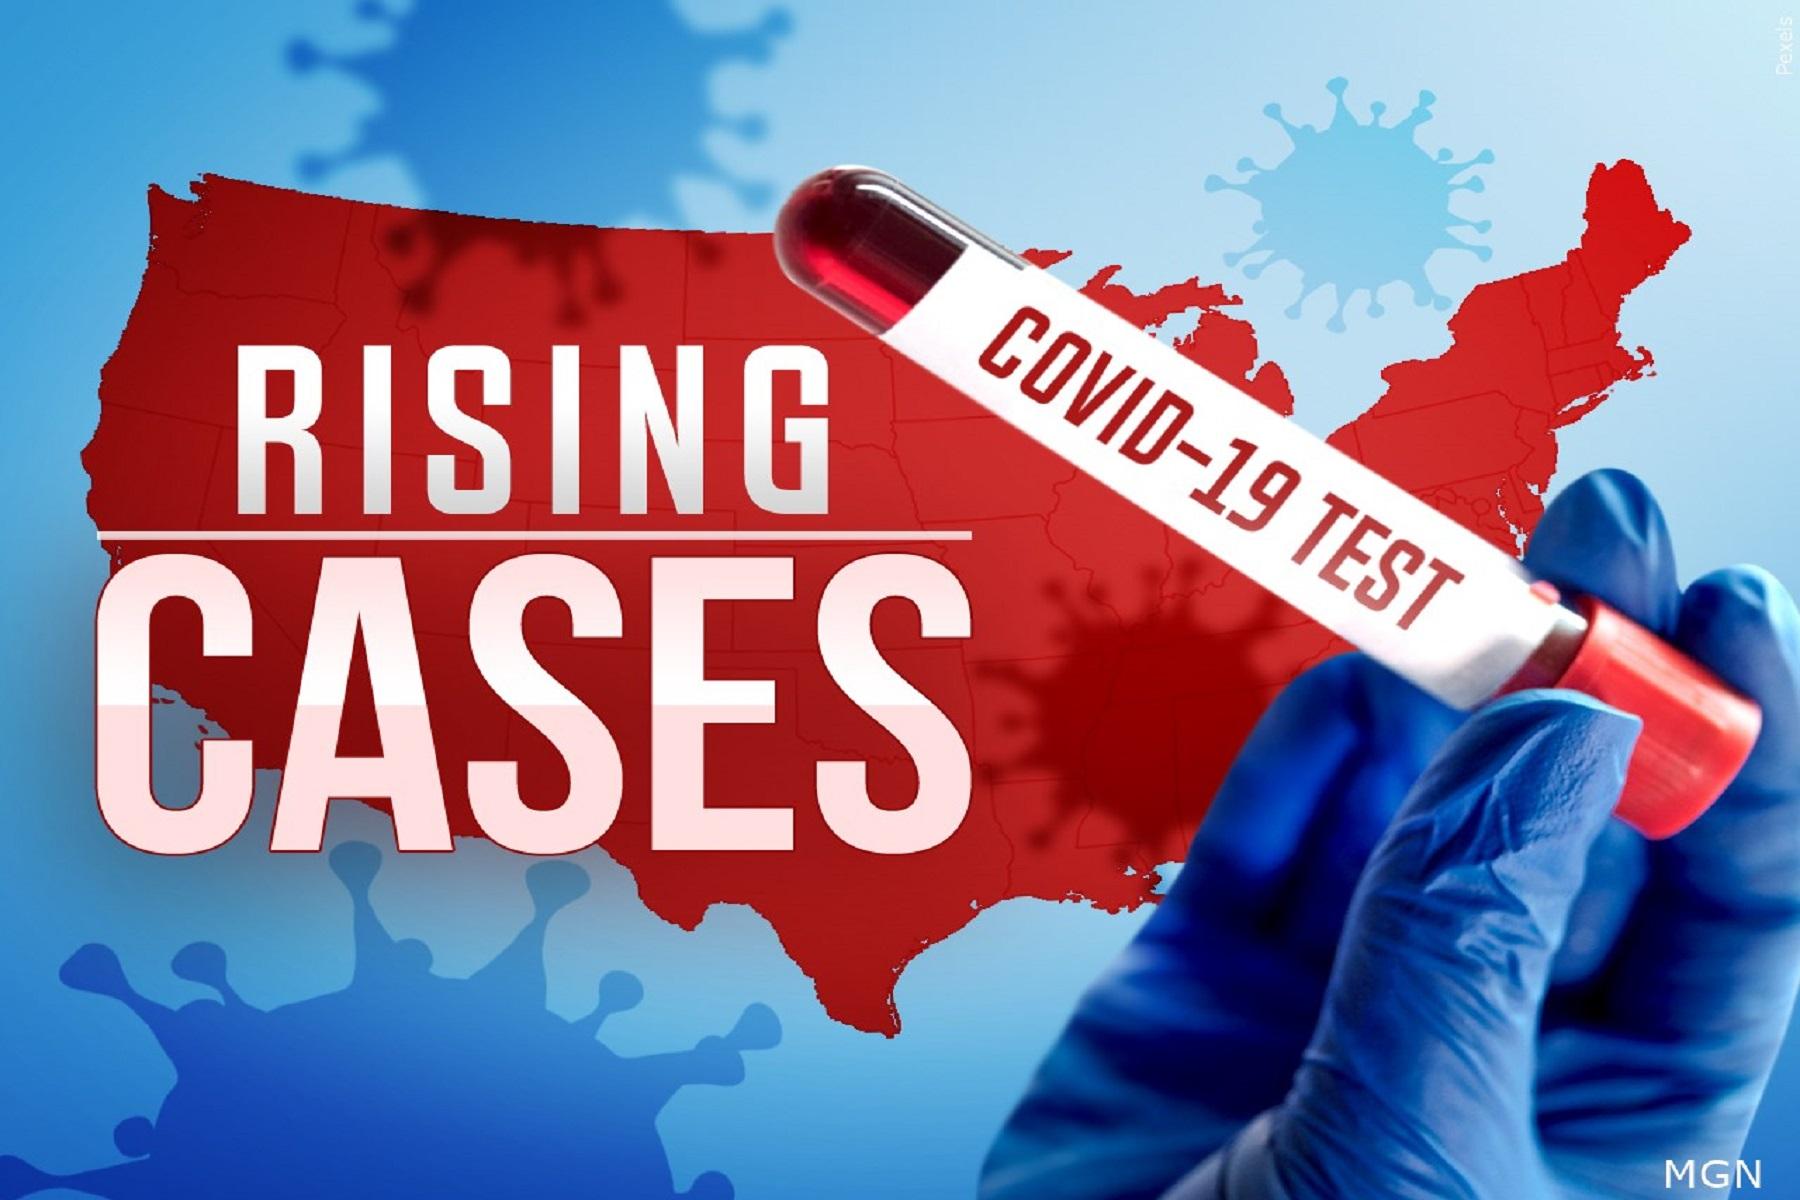 ΗΠΑ Κρούσματα: Υπολογίζουν κατά μέσο όρο 100.000 νέες μολύνσεις COVID-19 την ημέρα